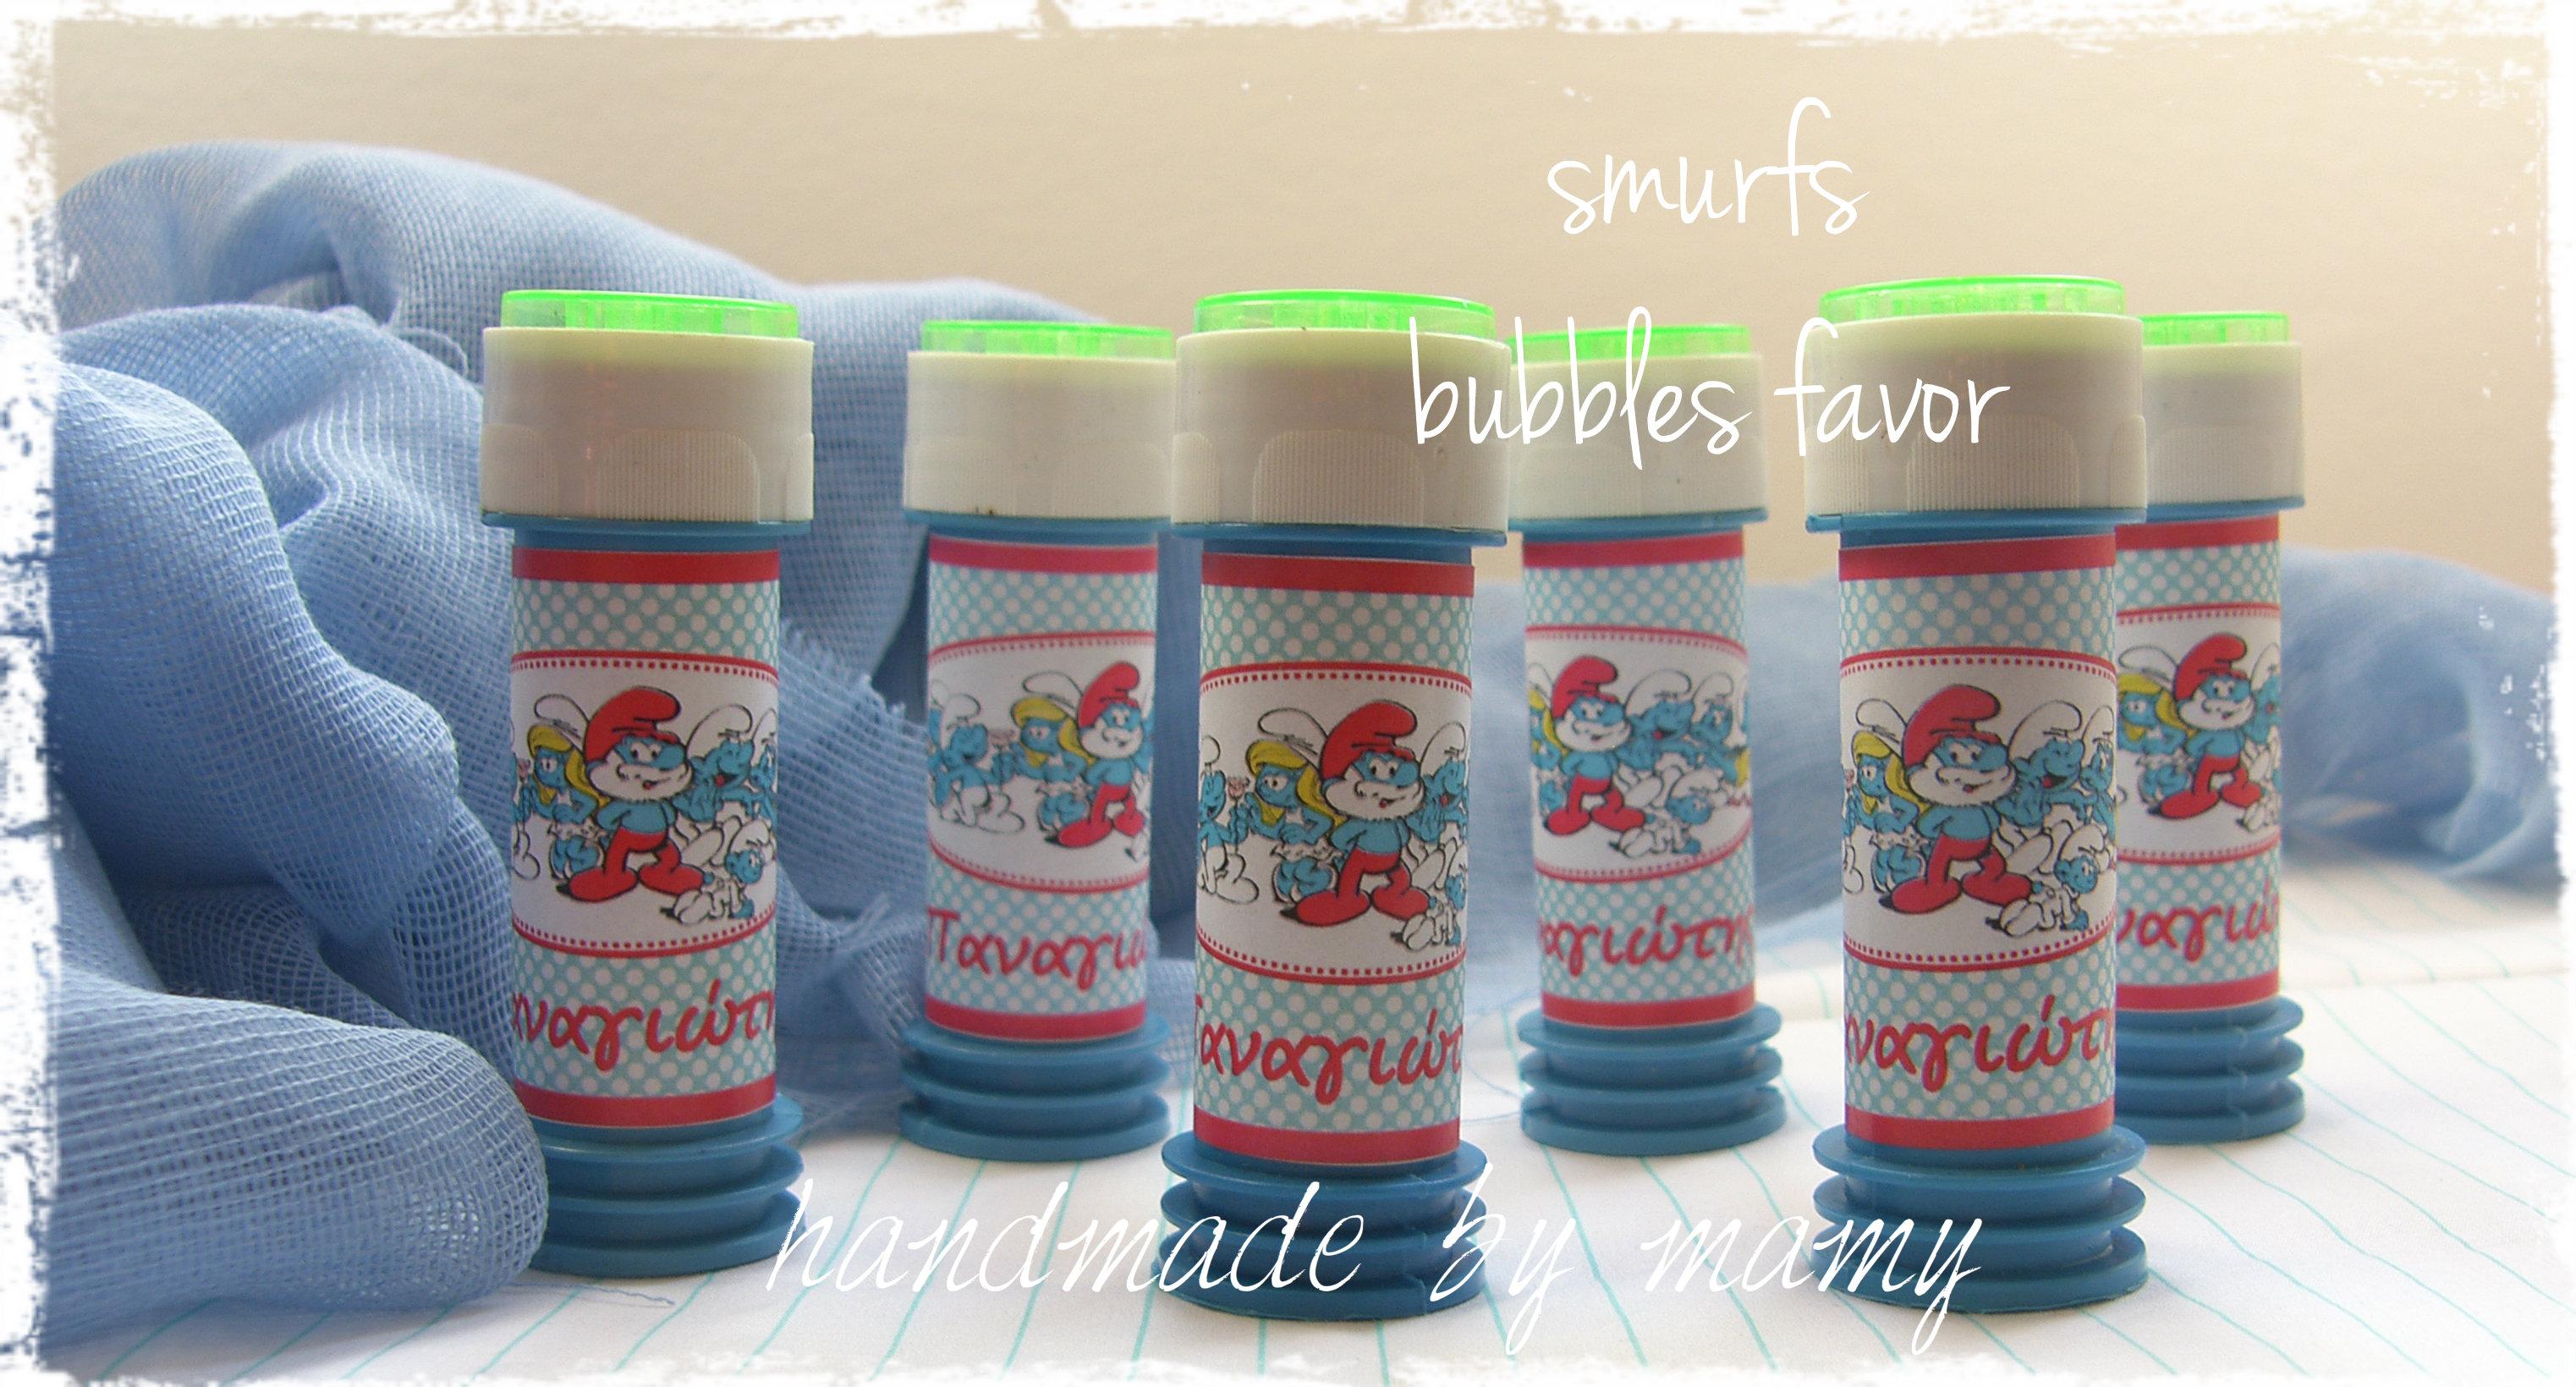 handmadebymamysmurfsbubbles